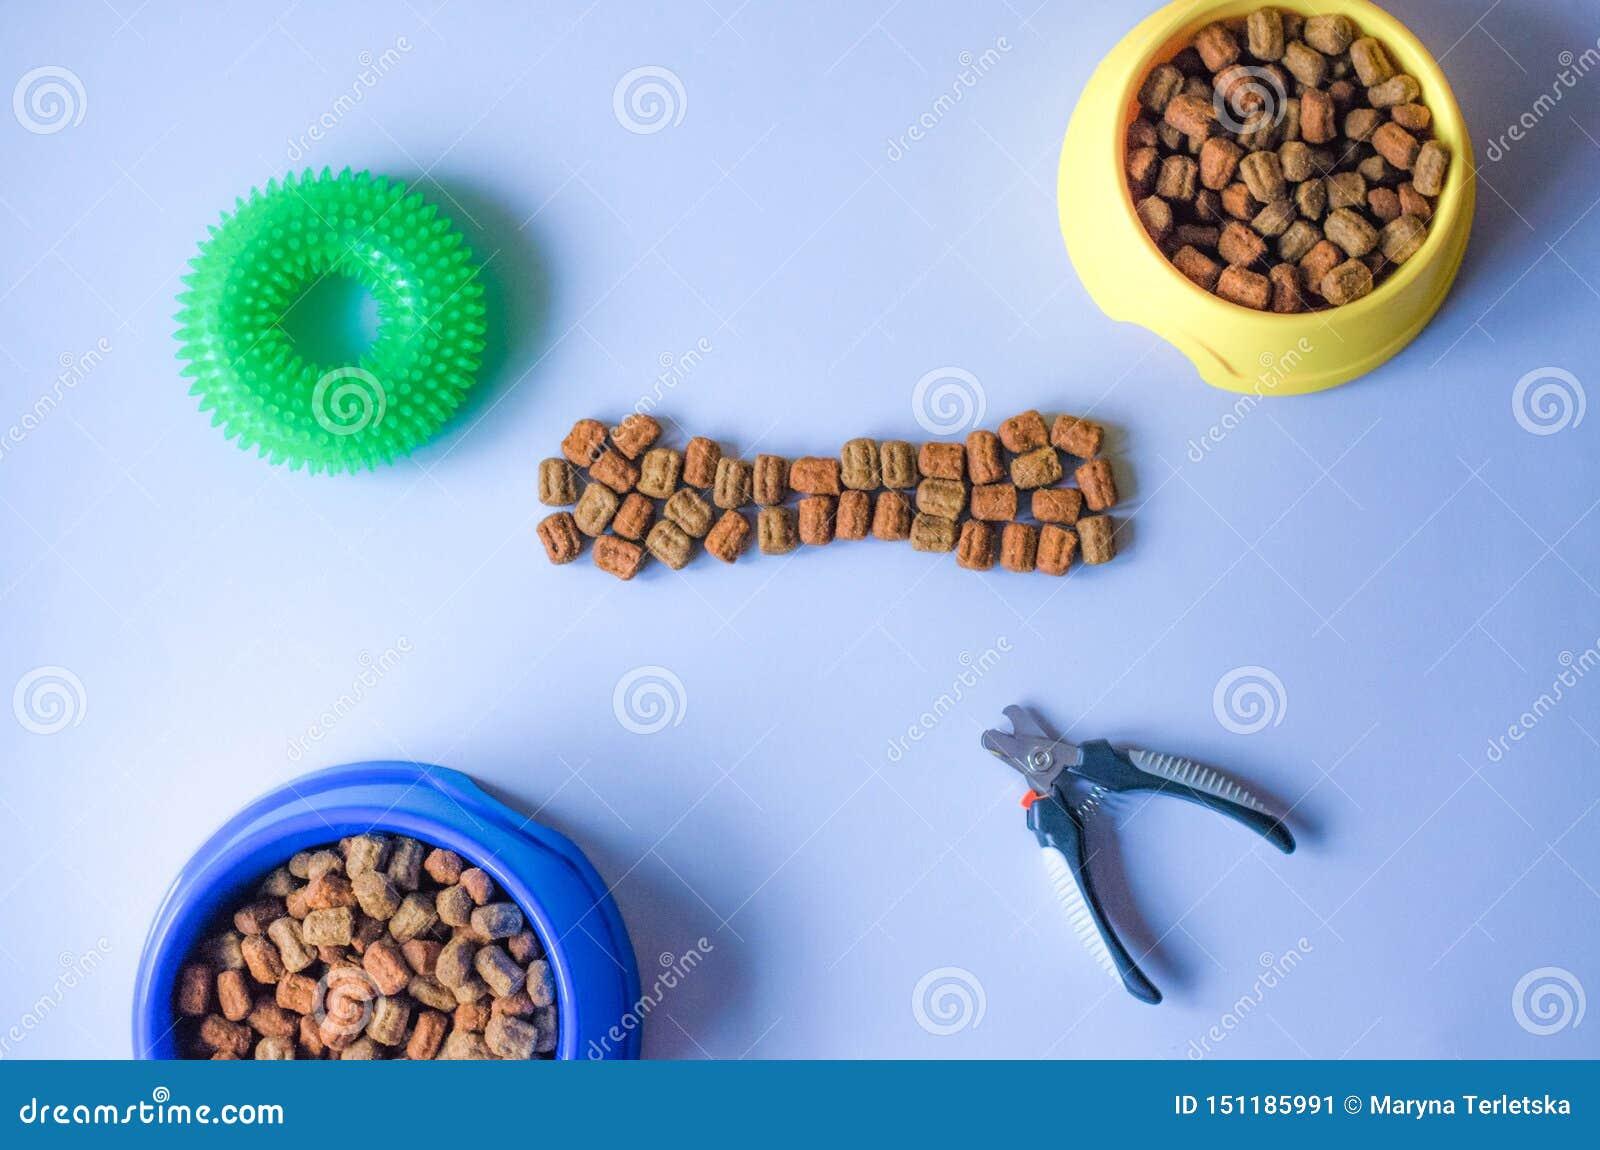 Zus?tze und Nahrung in Form von Knochen f?r Haustiere